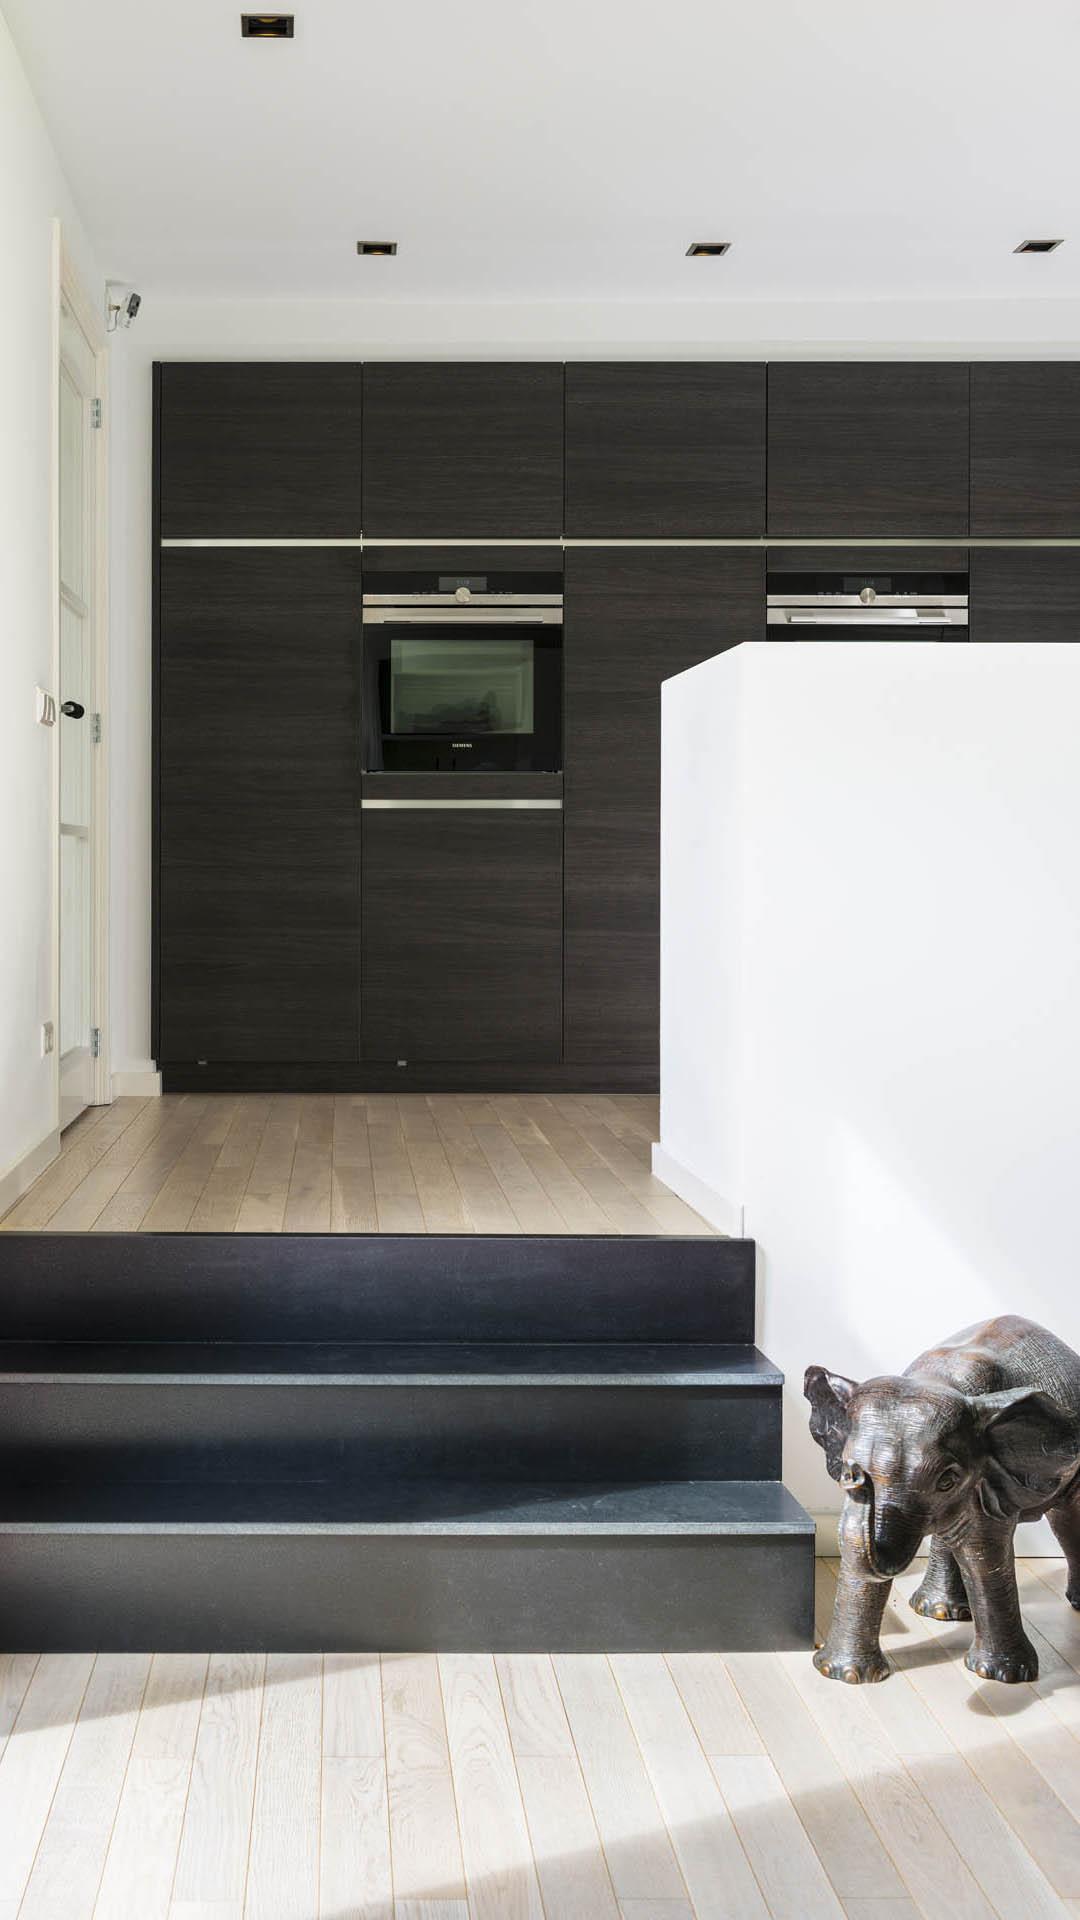 https://d11.nl/wp-content/uploads/2017/04/architectuur-nootdorp-gooland-renovatie-aanbouw-interieur-bungalow-20.jpg